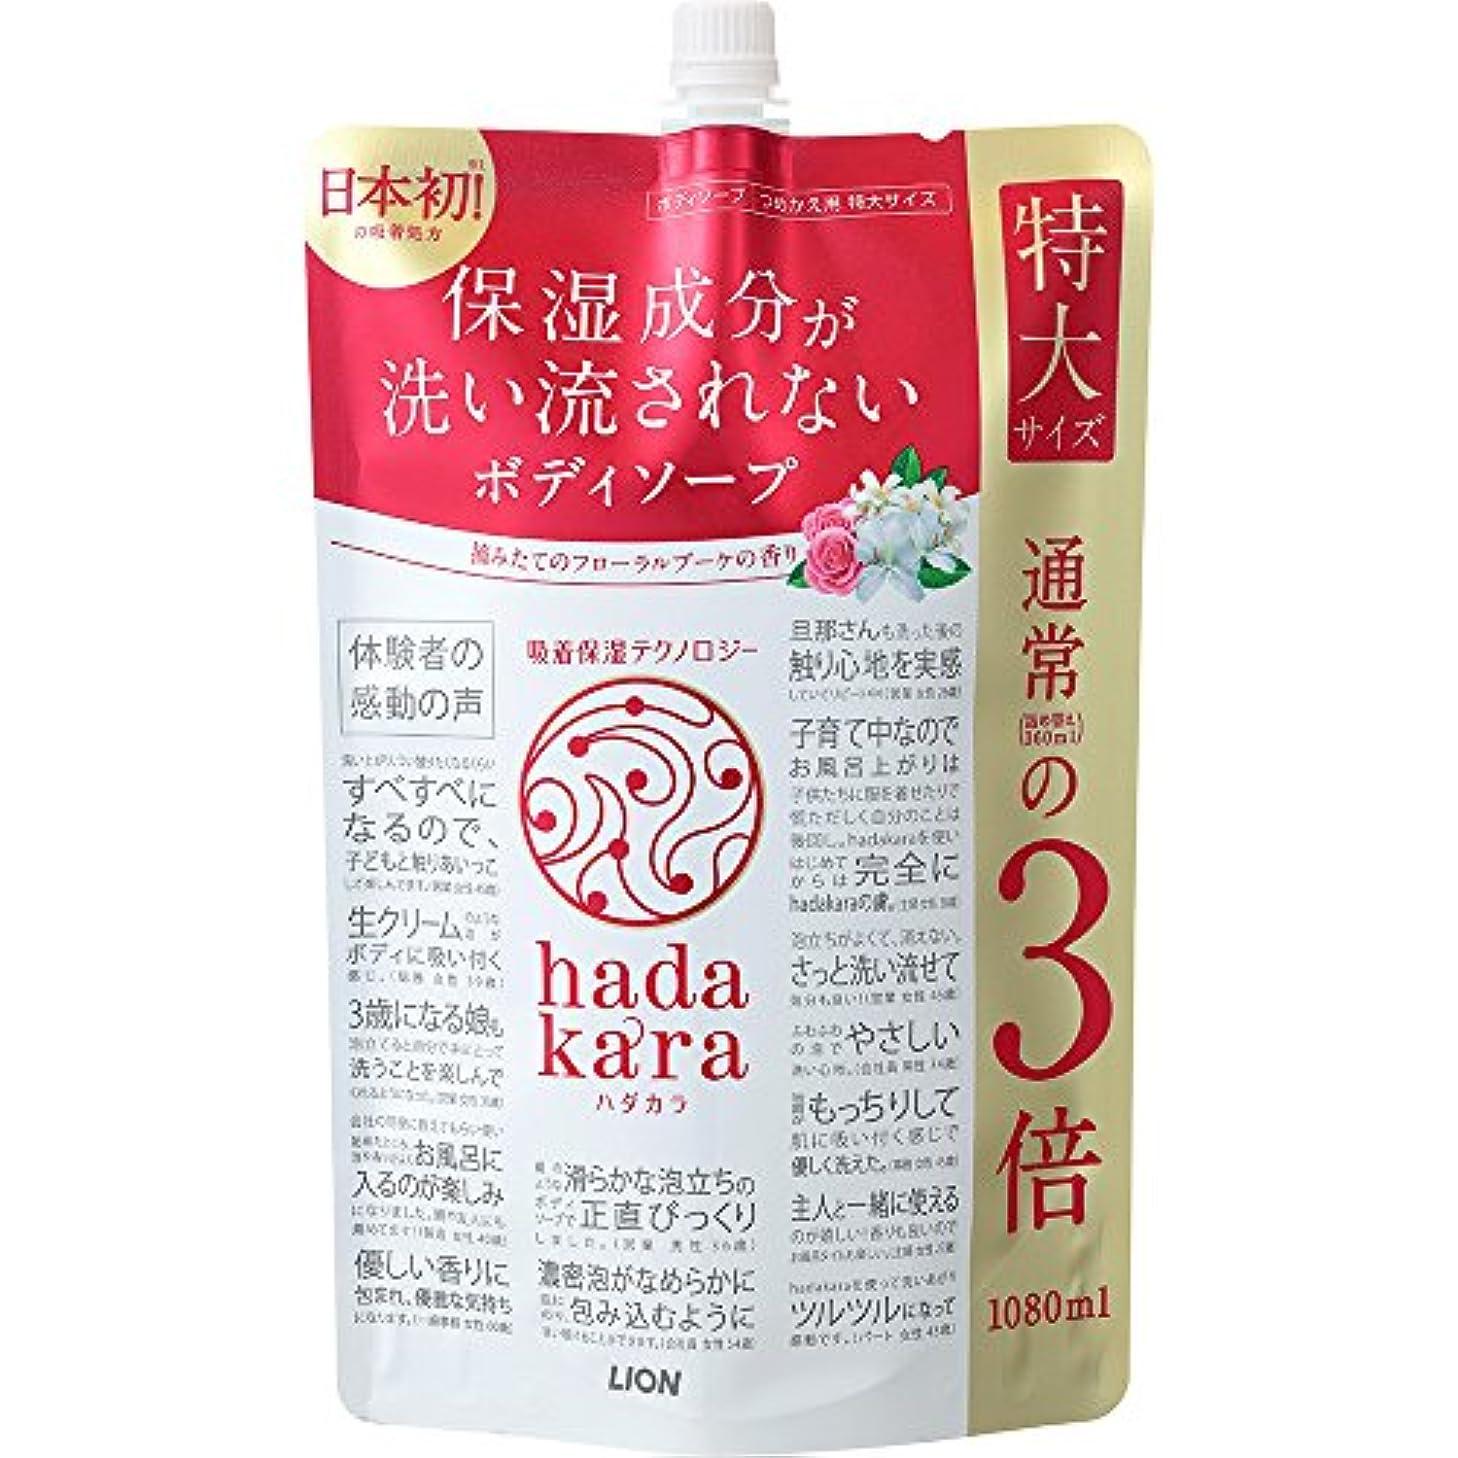 封筒ランチ激怒【大容量】hadakara(ハダカラ) ボディソープ フローラルブーケの香り 詰め替え 特大 1080ml